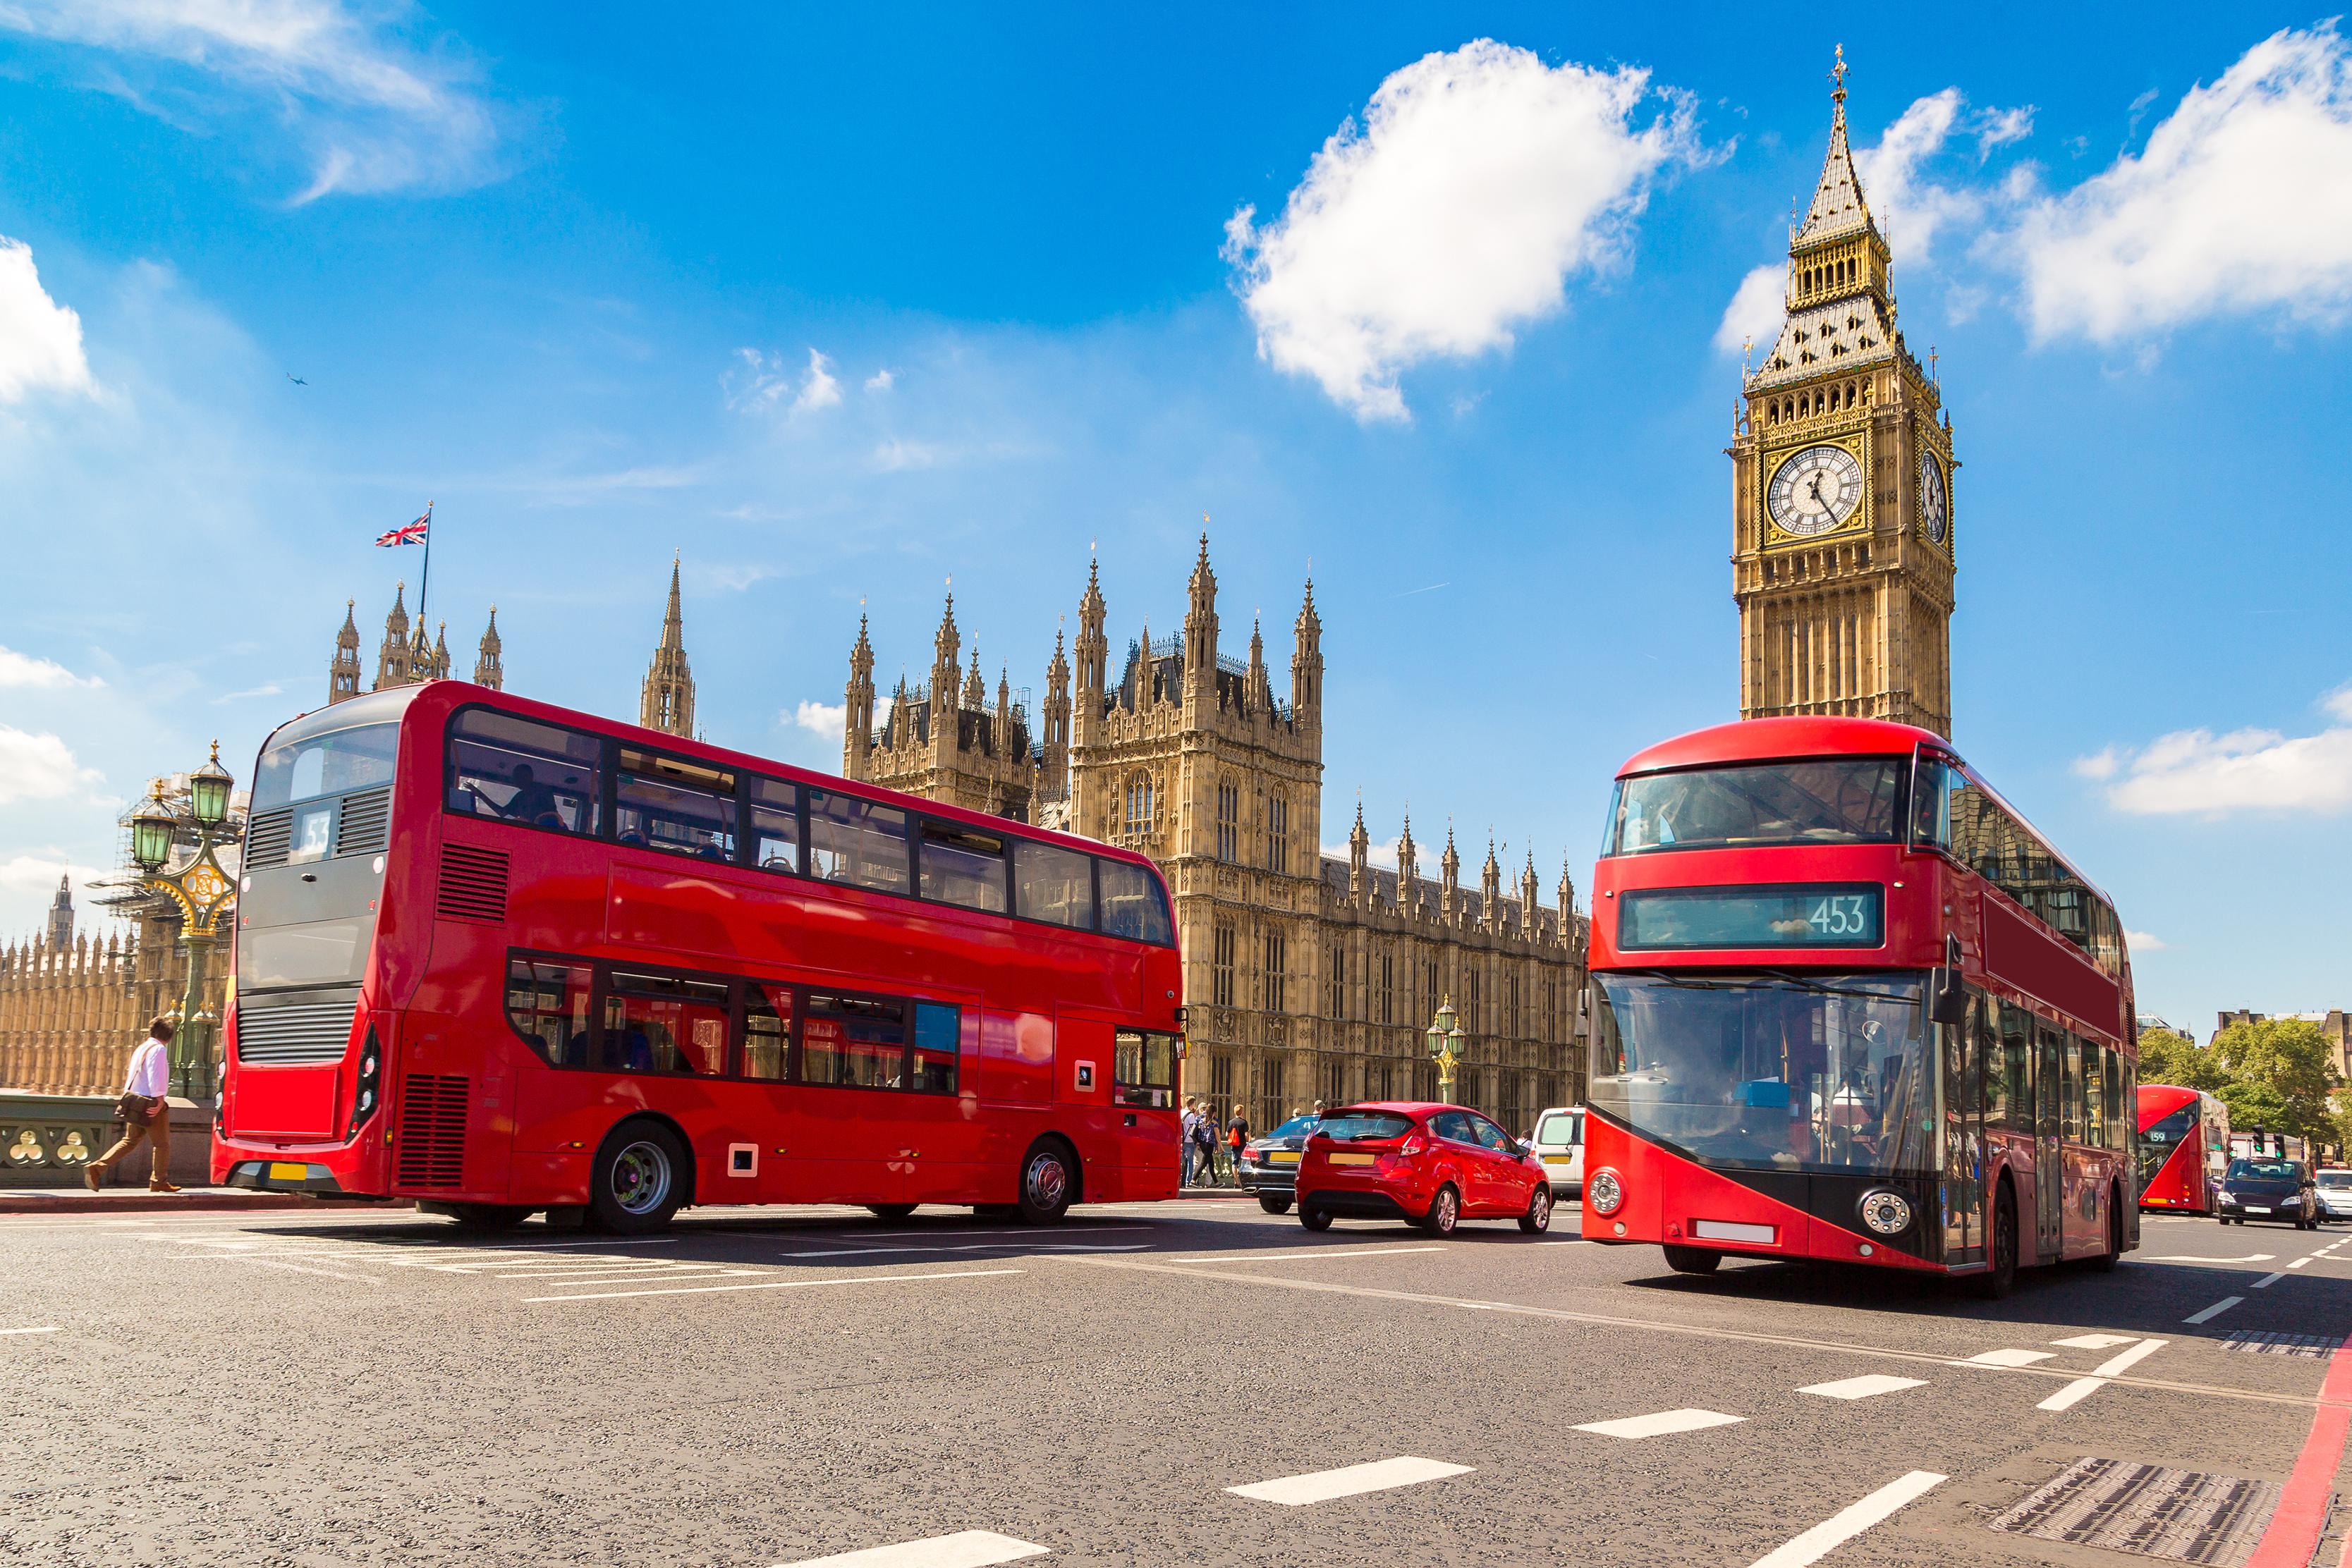 London (9) (foto: Shutterstock)